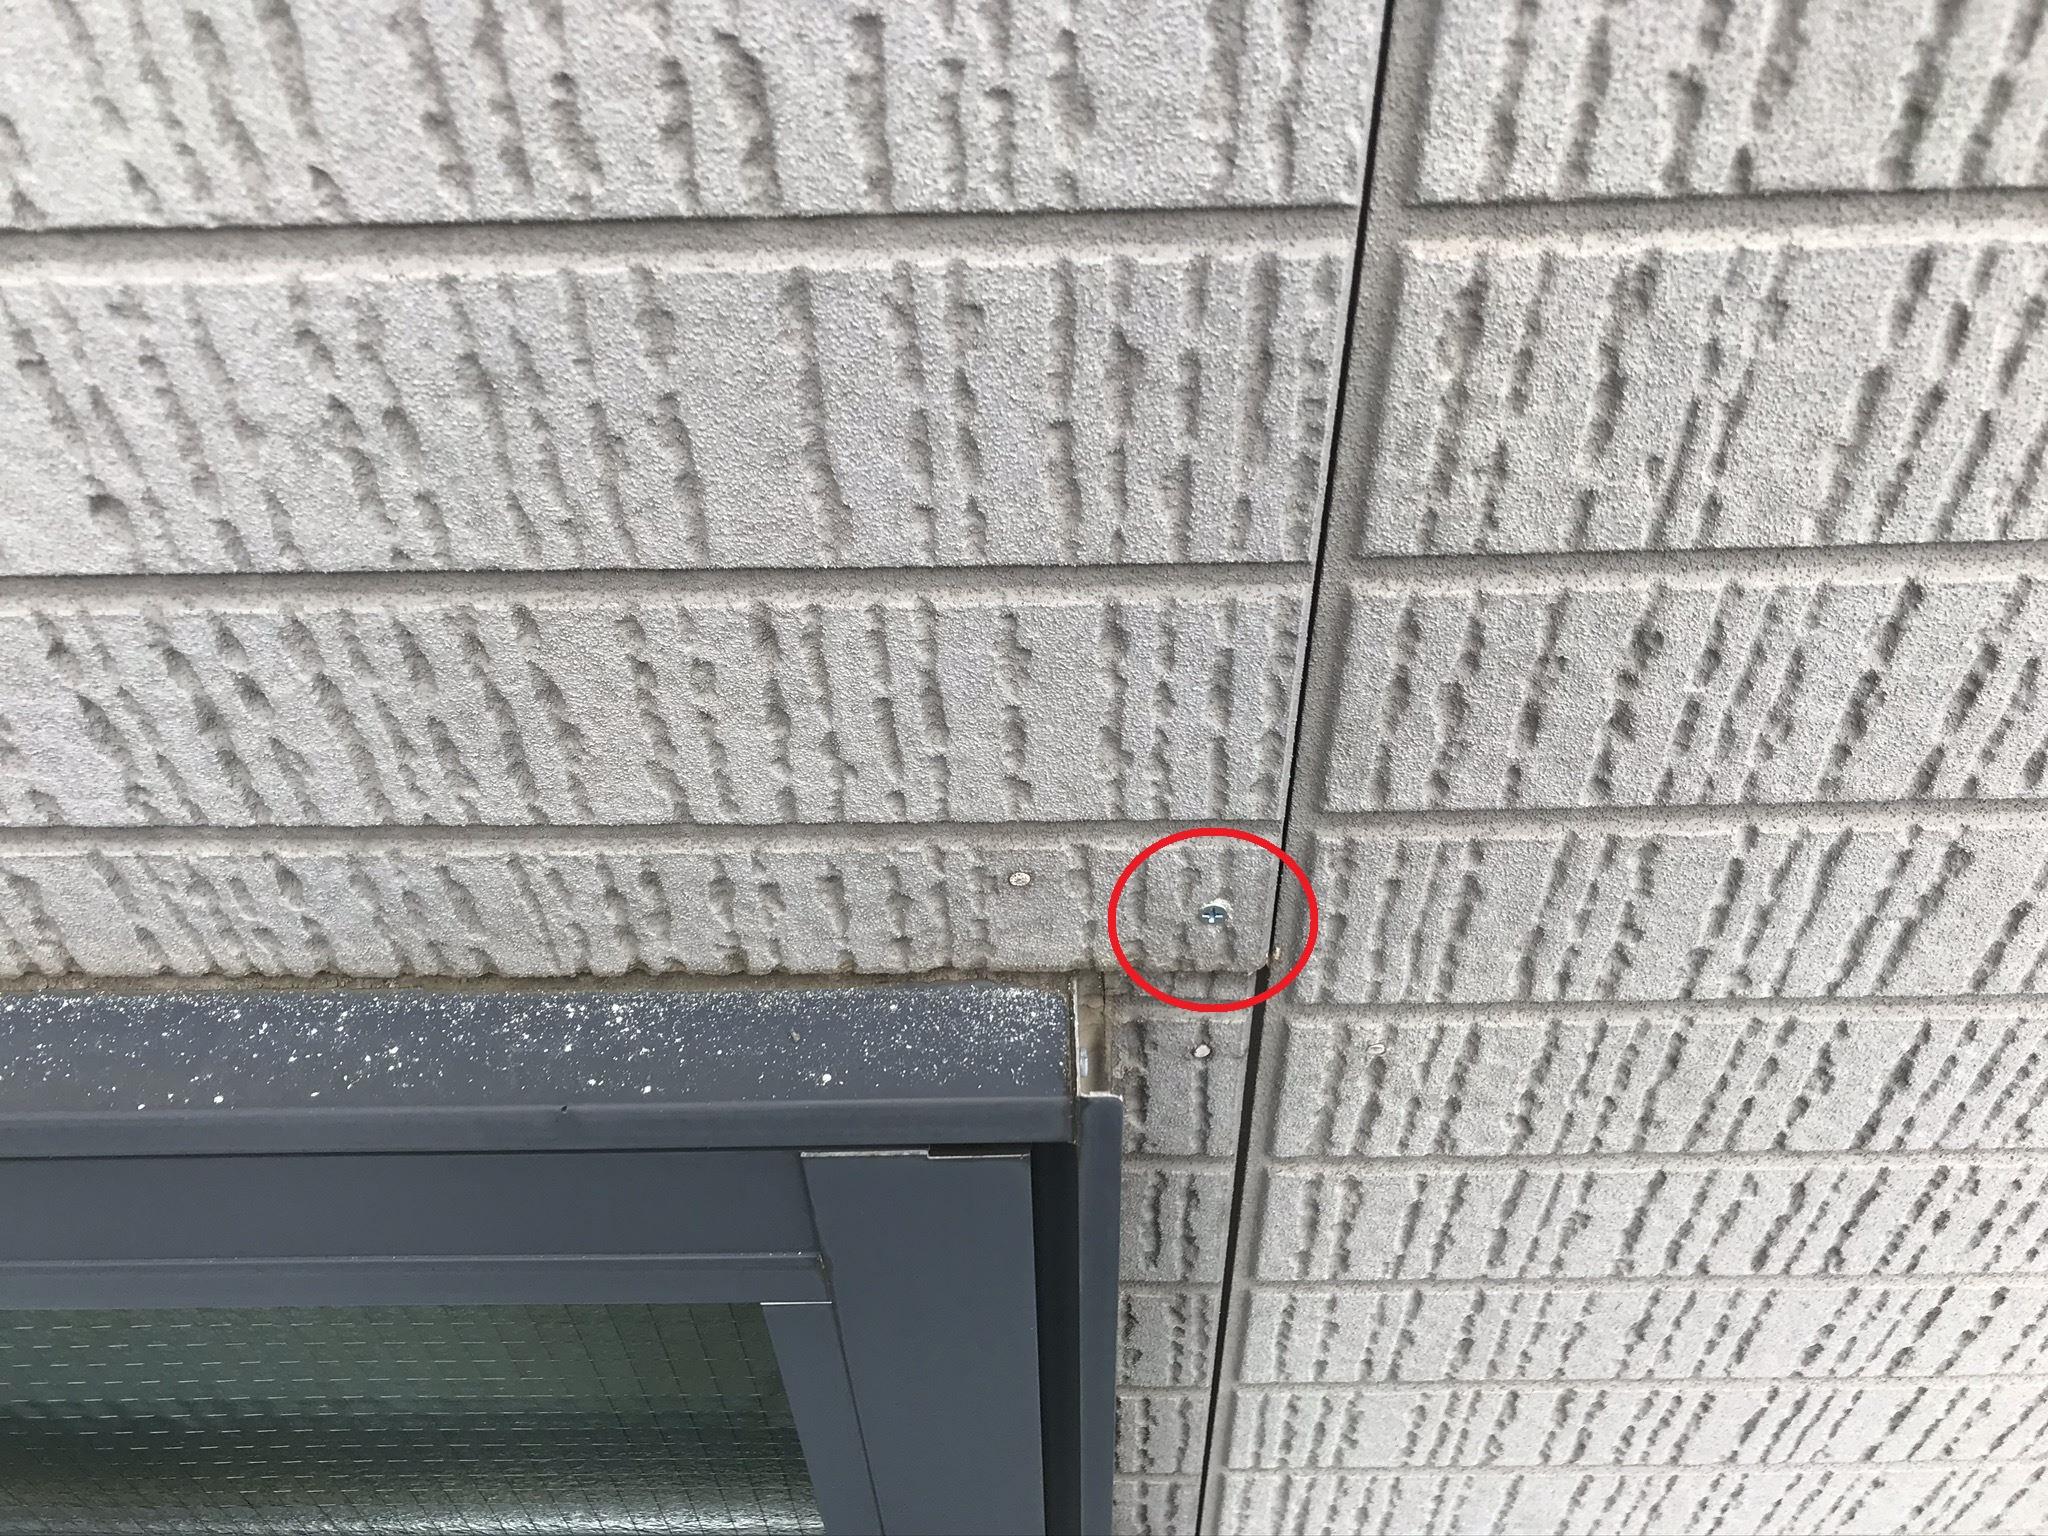 桶川市サイディング外壁不良個所無慮点検中応急処置